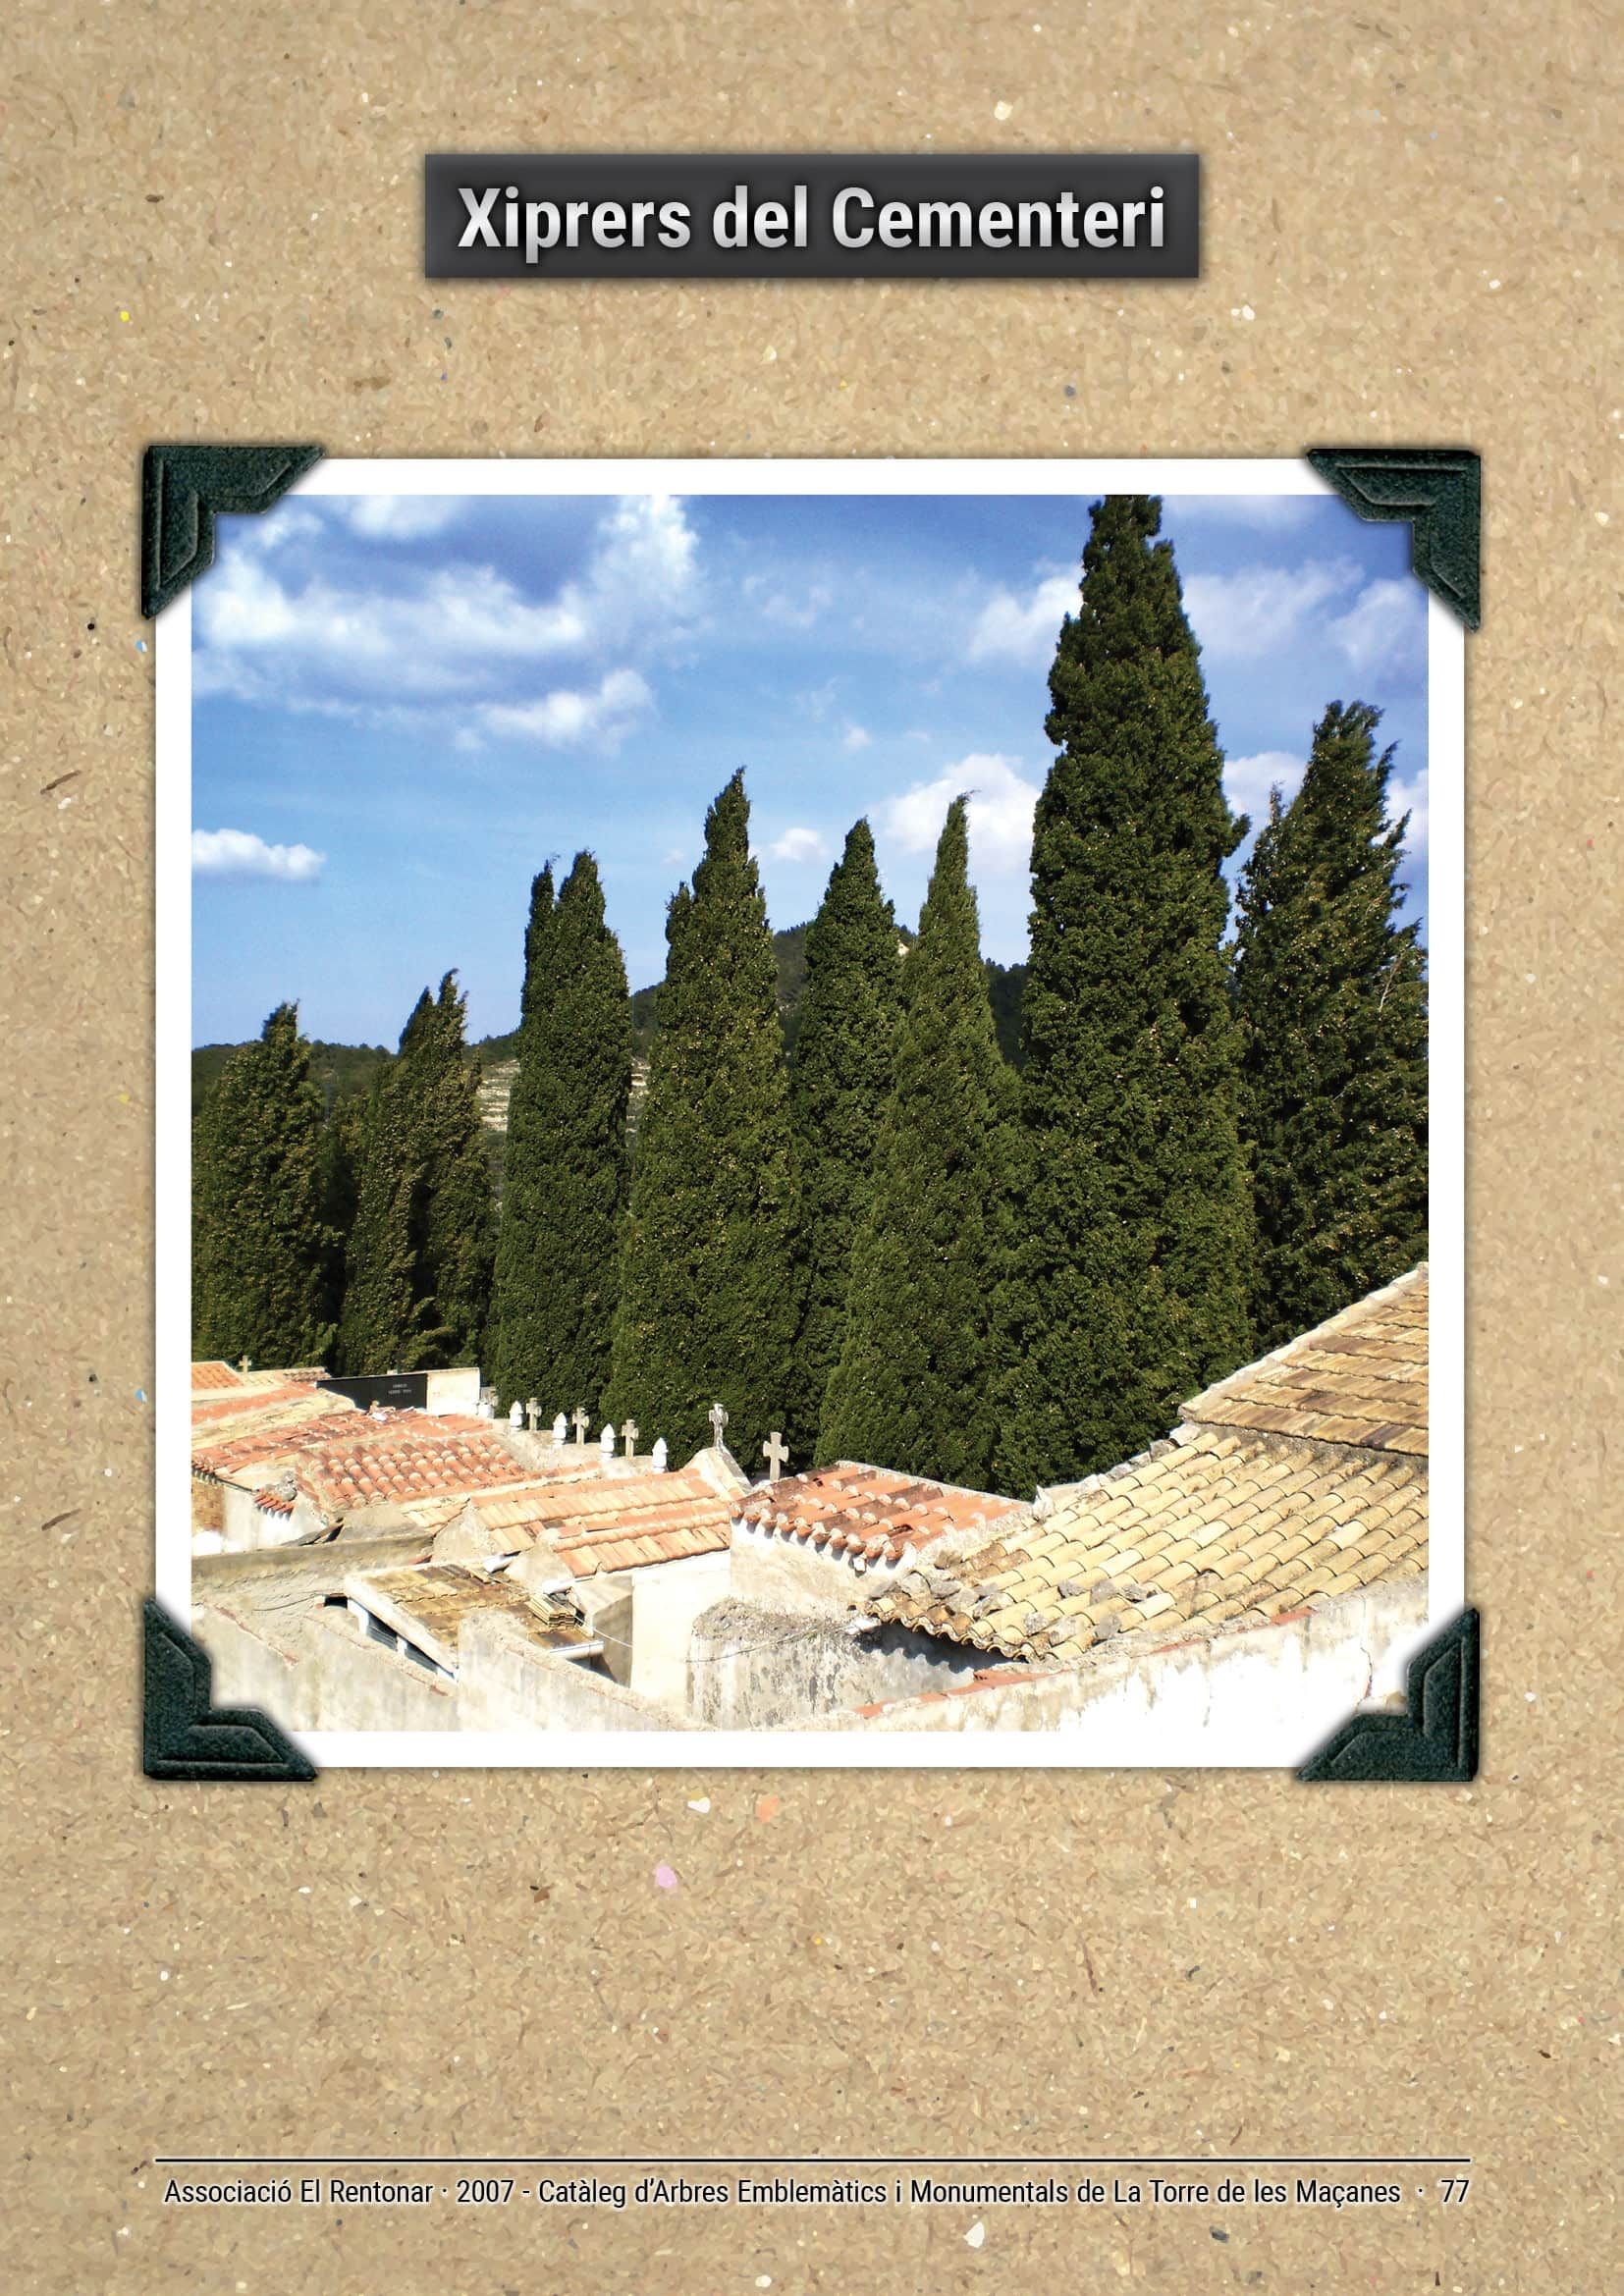 Xiprers del Cementeri de La Torre de les Maçanes